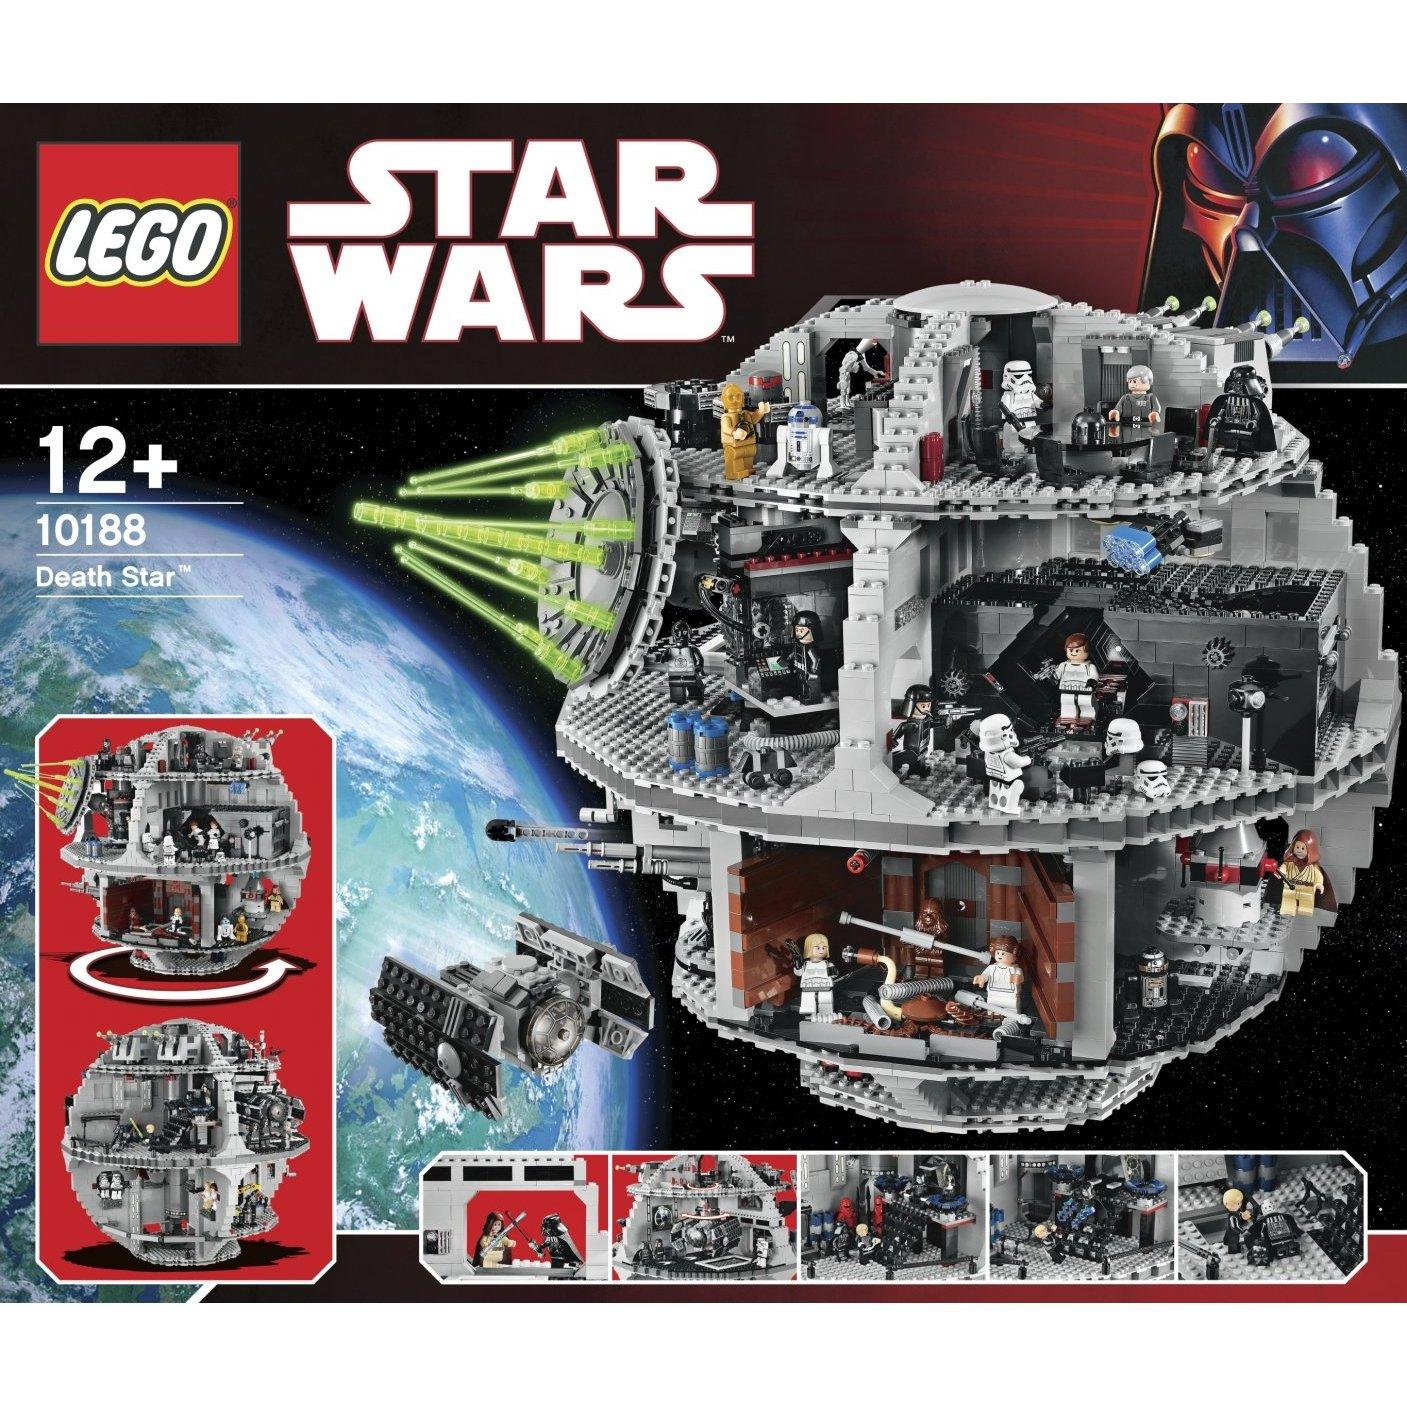 Lego Star Wars Death Star Toy Brix And Blox